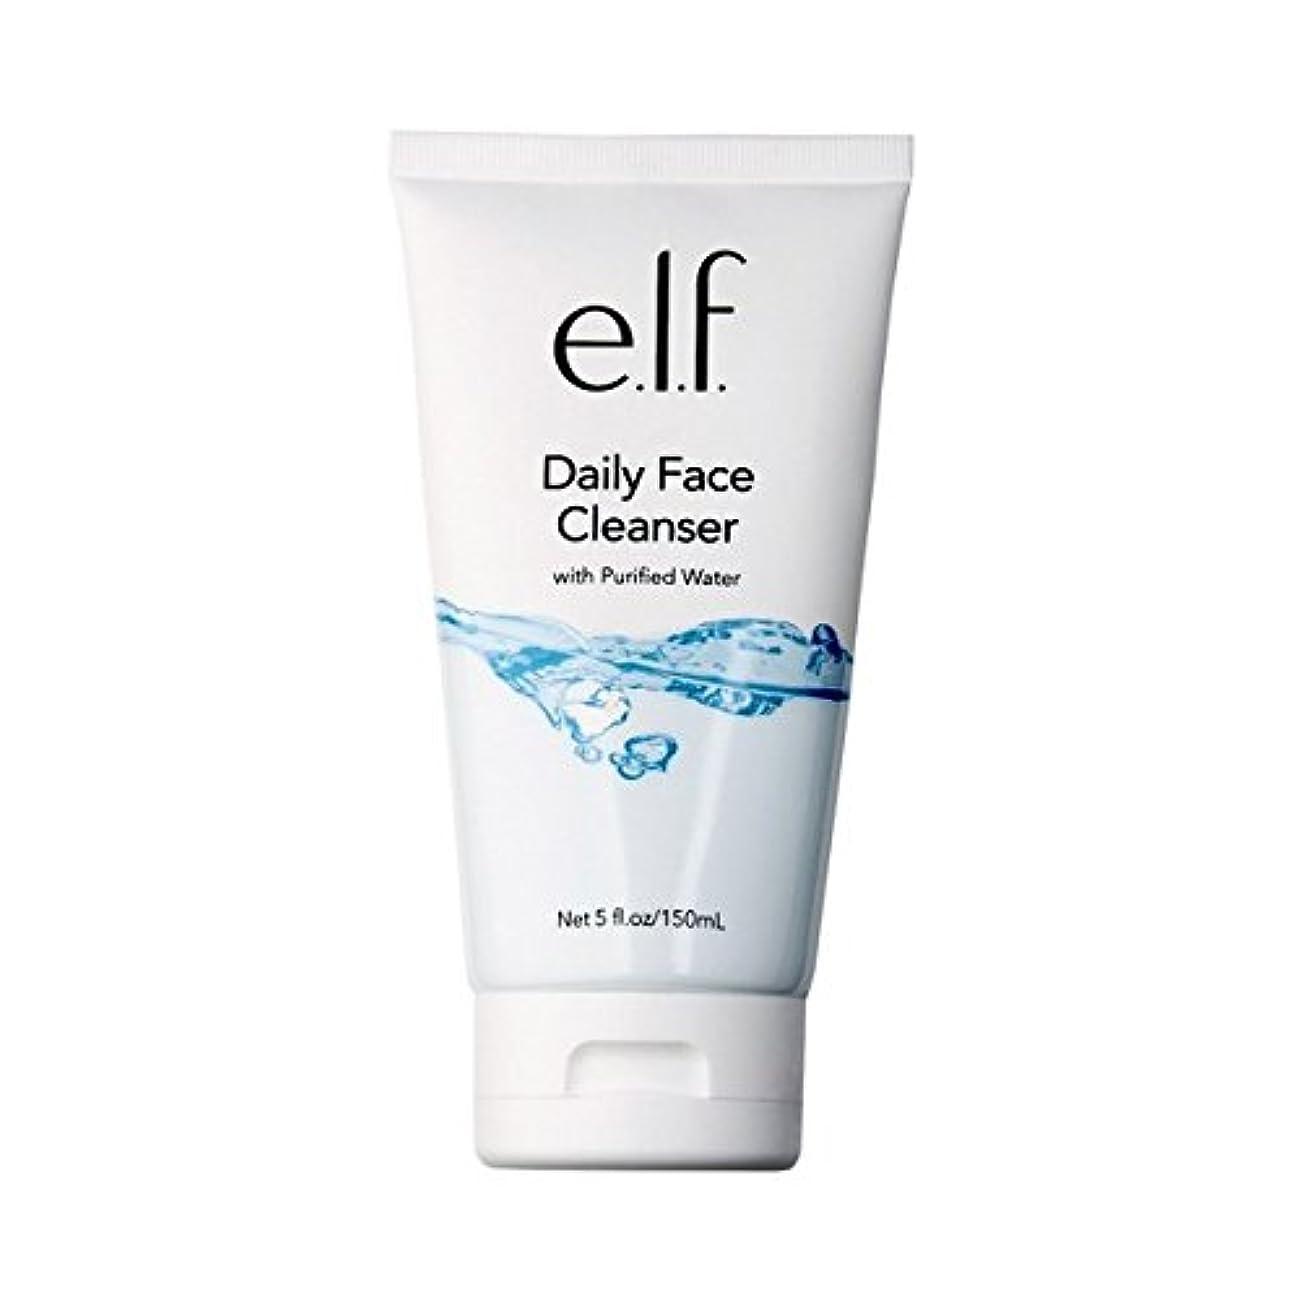 状況馬鹿げた自分のために(6 Pack) e.l.f. Daily Face Cleanser (並行輸入品)